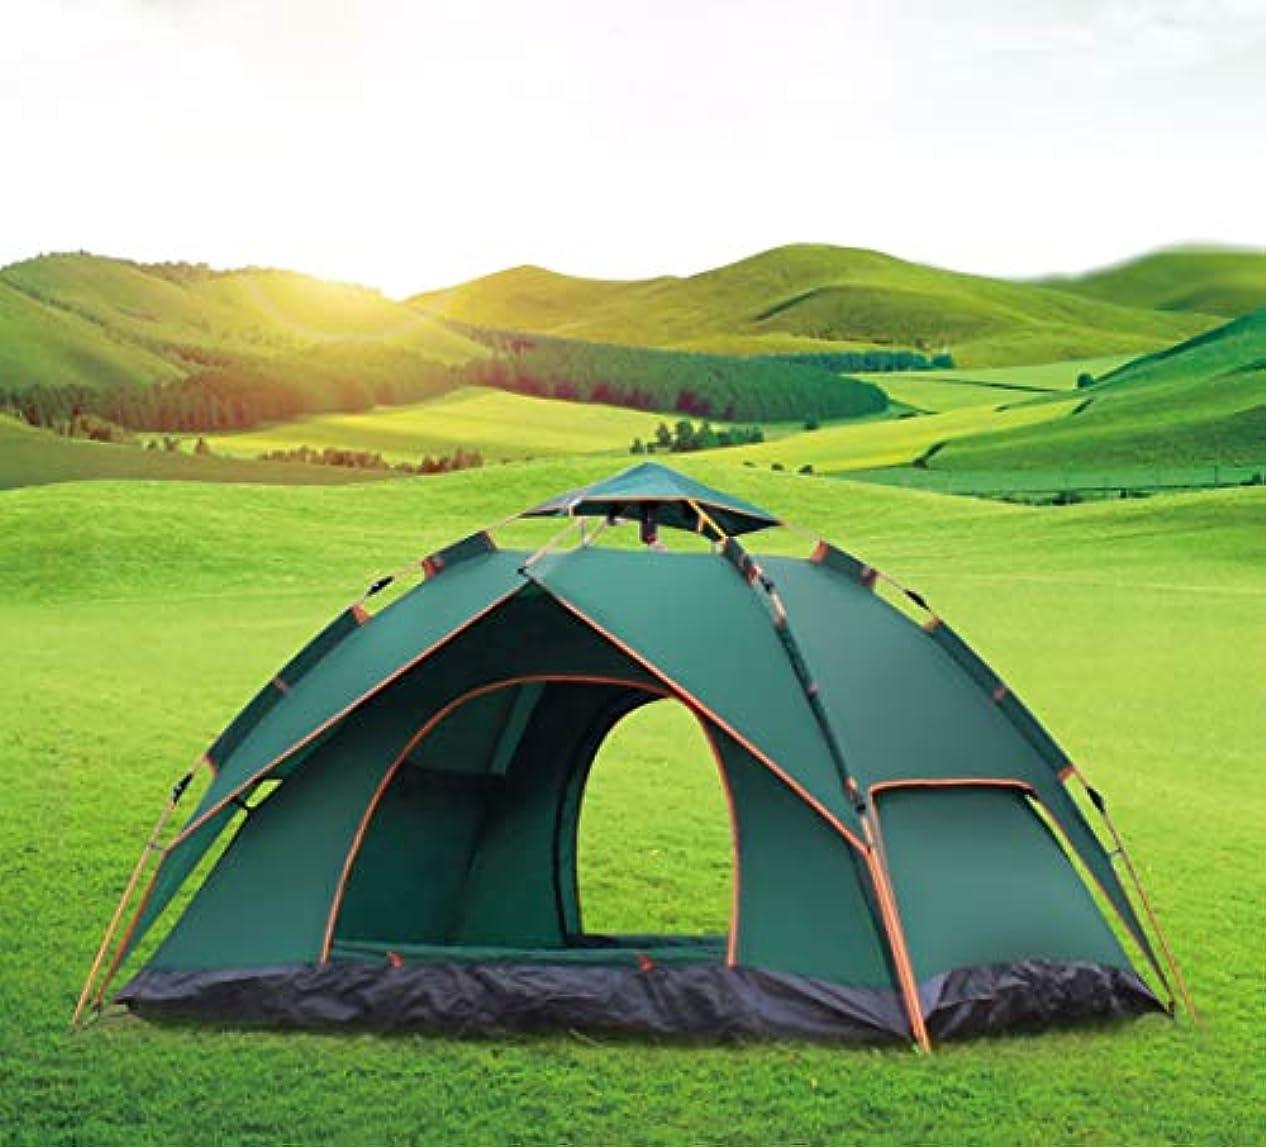 食物レタッチ低いOstulla ポップアップテントワンタッチテント防水クイックオープンテント2-3人用キャンプテントバックパックテント自動インスタントポップアップテント屋外スポーツキャンプハイキングアウトドアアクティビティビーチ、アウトドア、旅行に最適 気配りの行き届いたサービス (Color : Green)